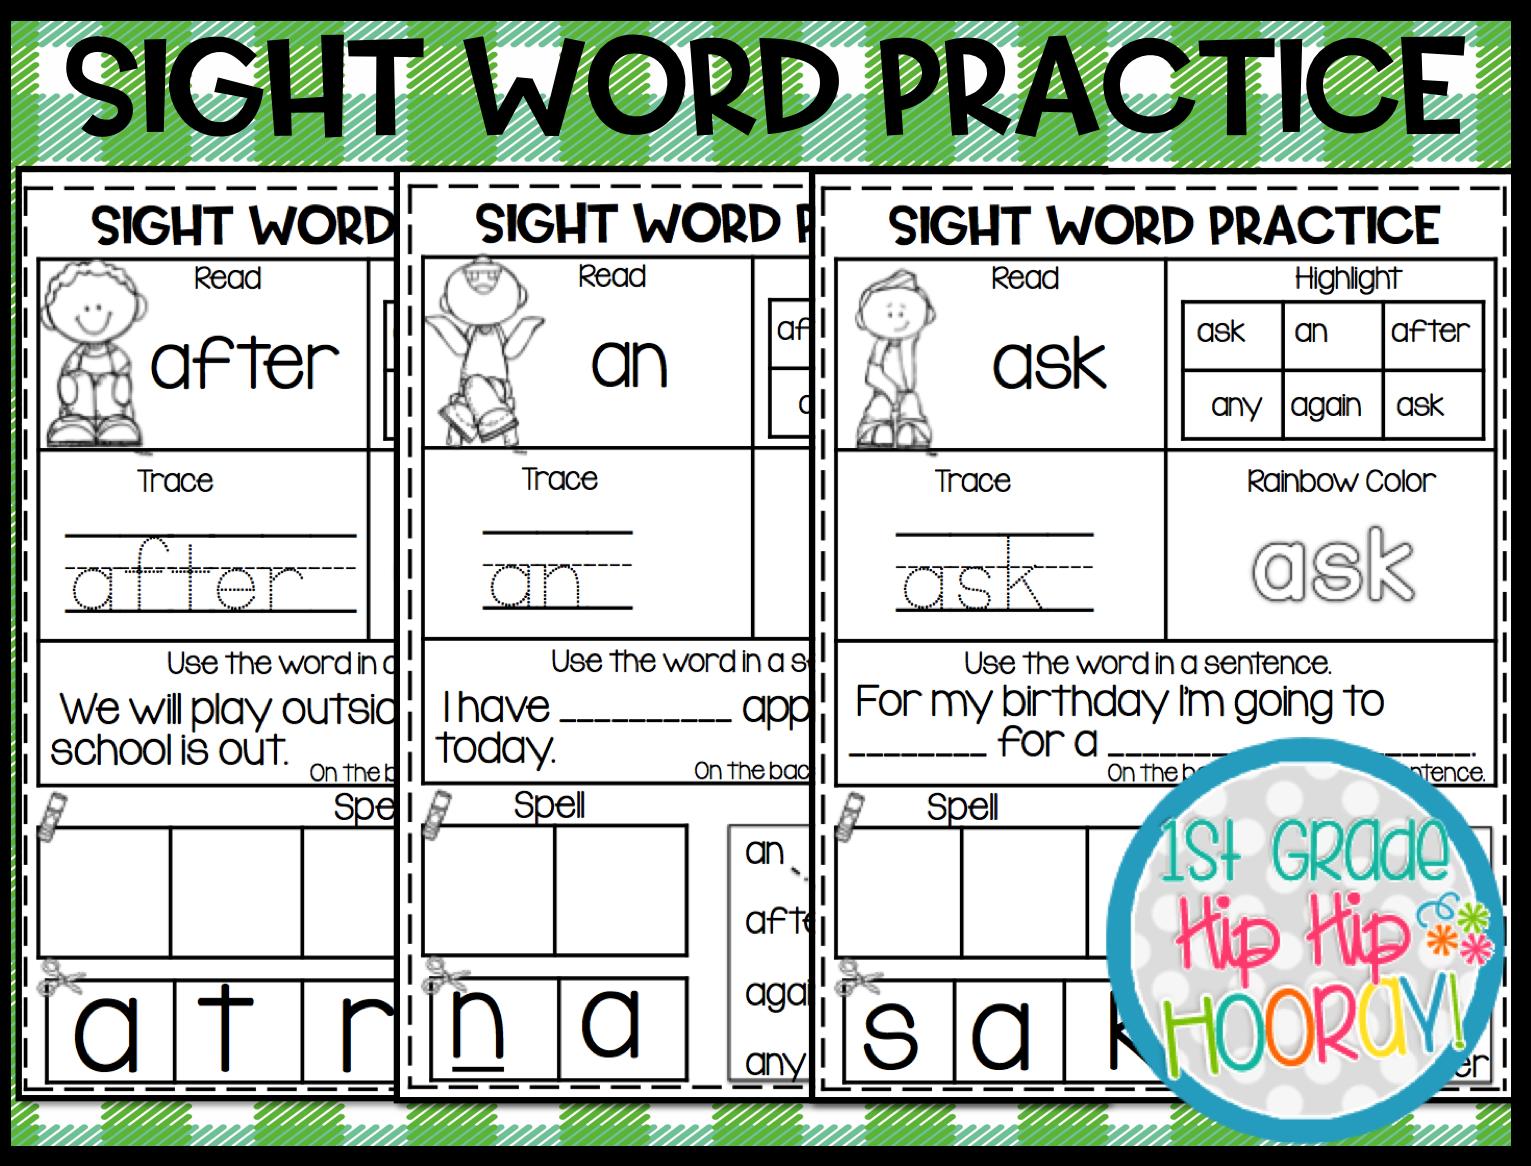 1st Grade Hip Hip Hooray 1st Grade Sight Word Practice